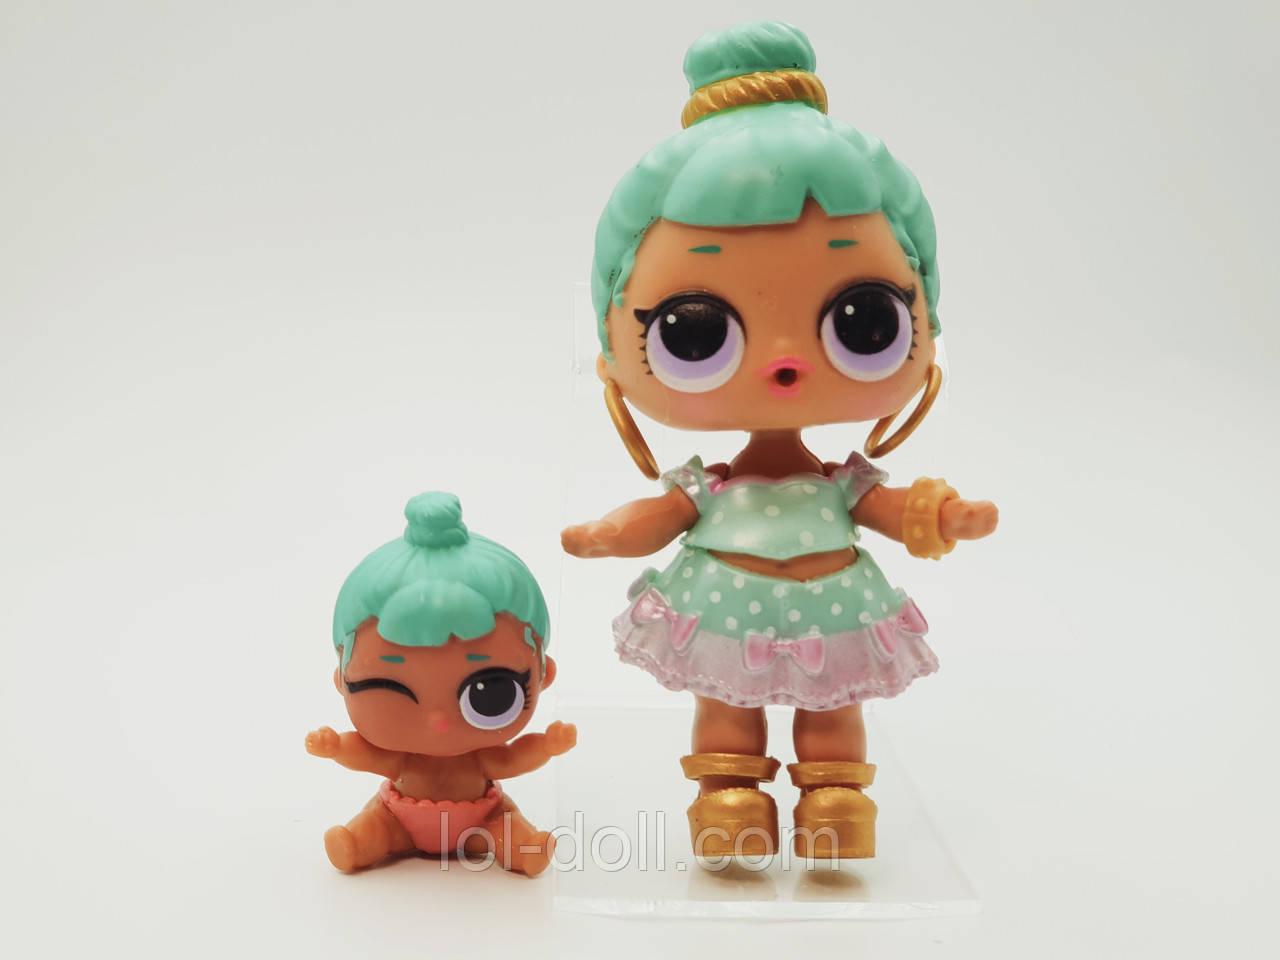 Сім'я Лялька LOL Surprise 2 Серія LOL Surprise Genie - Східна принцеса Лол Сюрприз Без Кулі Оригінал